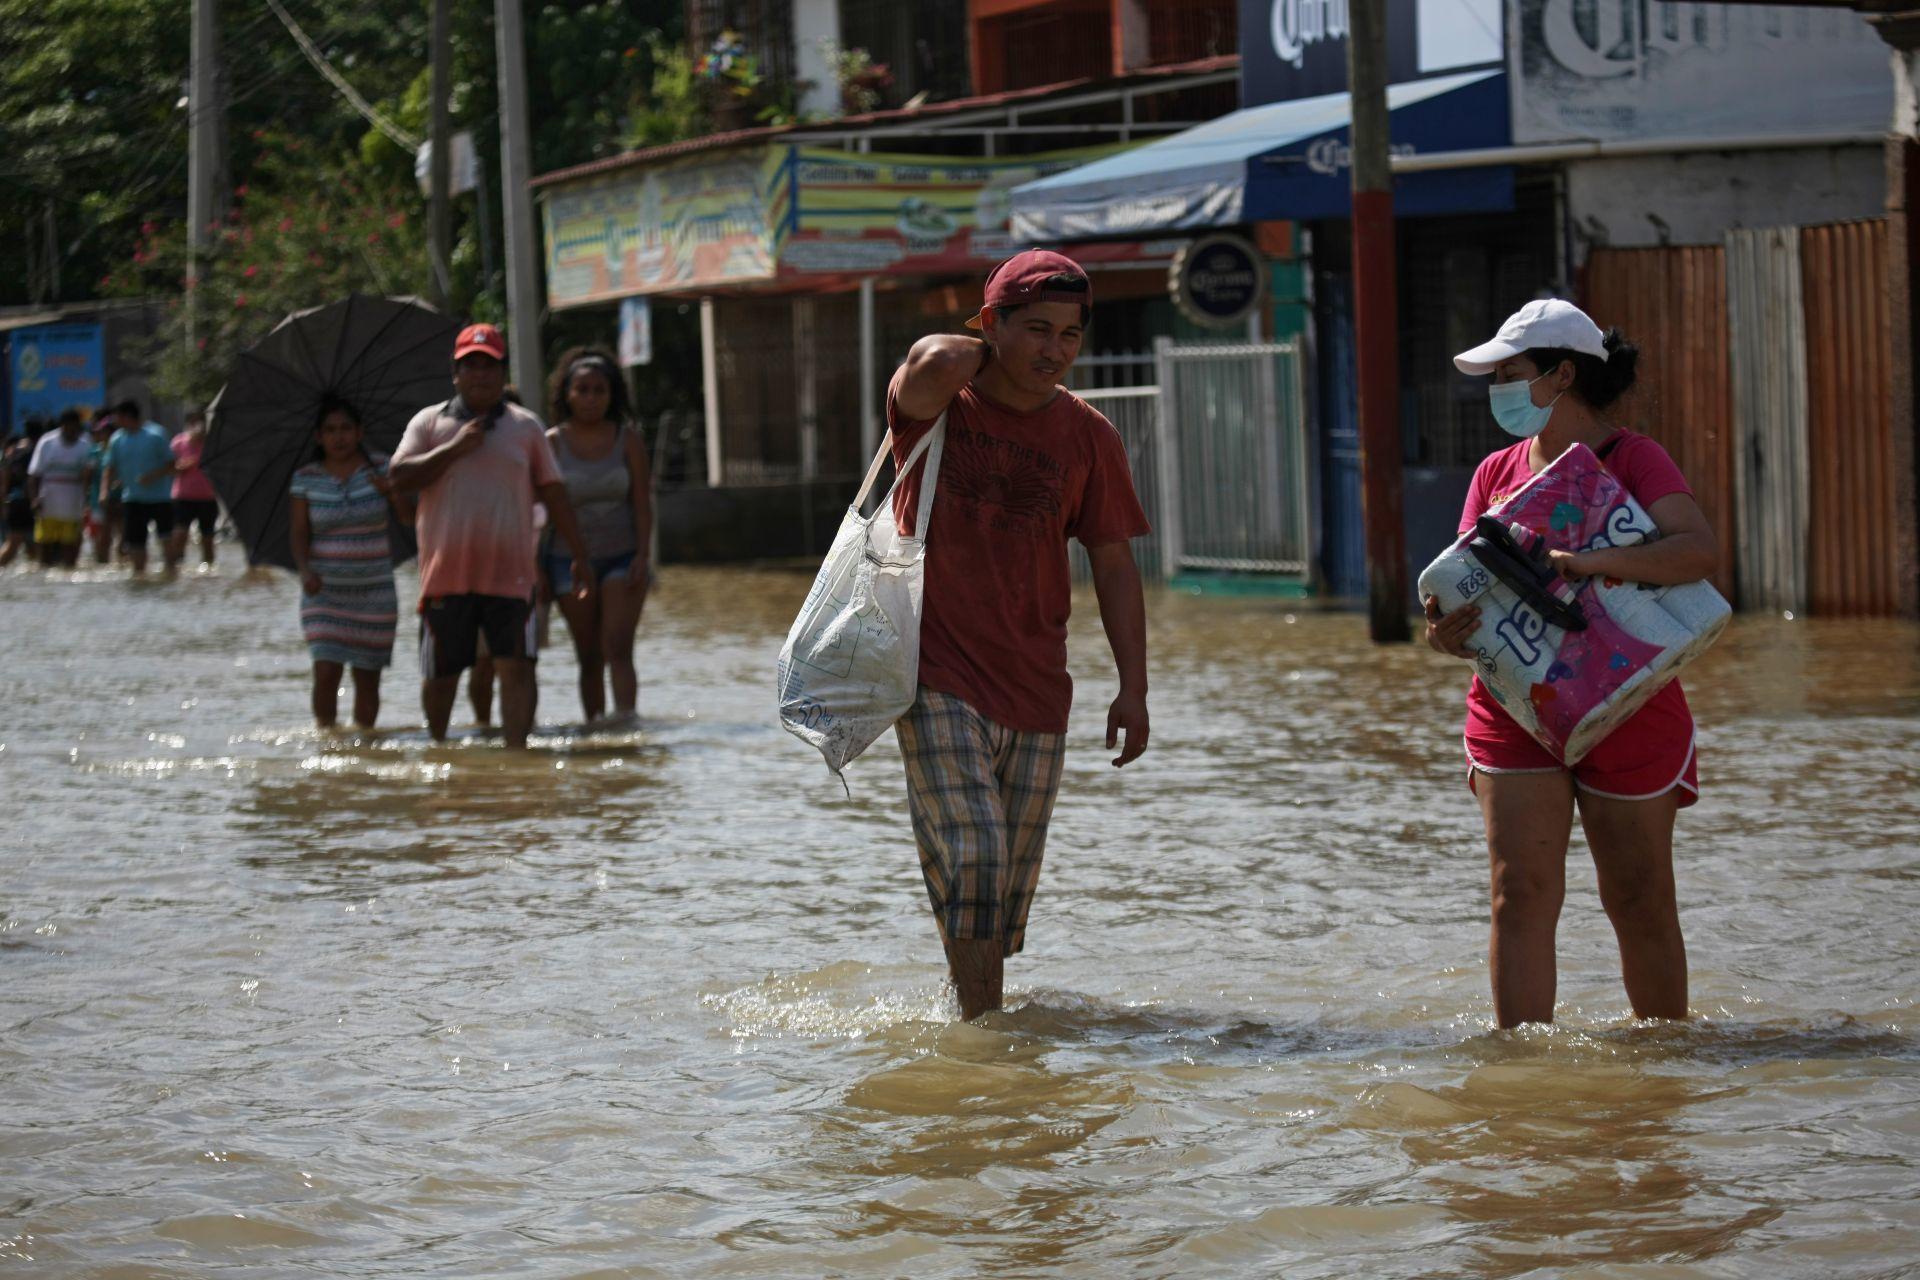 Villahermosa, Tabasco, 8 de noviembre de 2020. De la misma manera habitantes en esta parte de la población piden auxilio a las autoridades del gobierno por temor a que continúe creciendo el nivel, ya que no se abastecen para auxiliarse entre ellos.